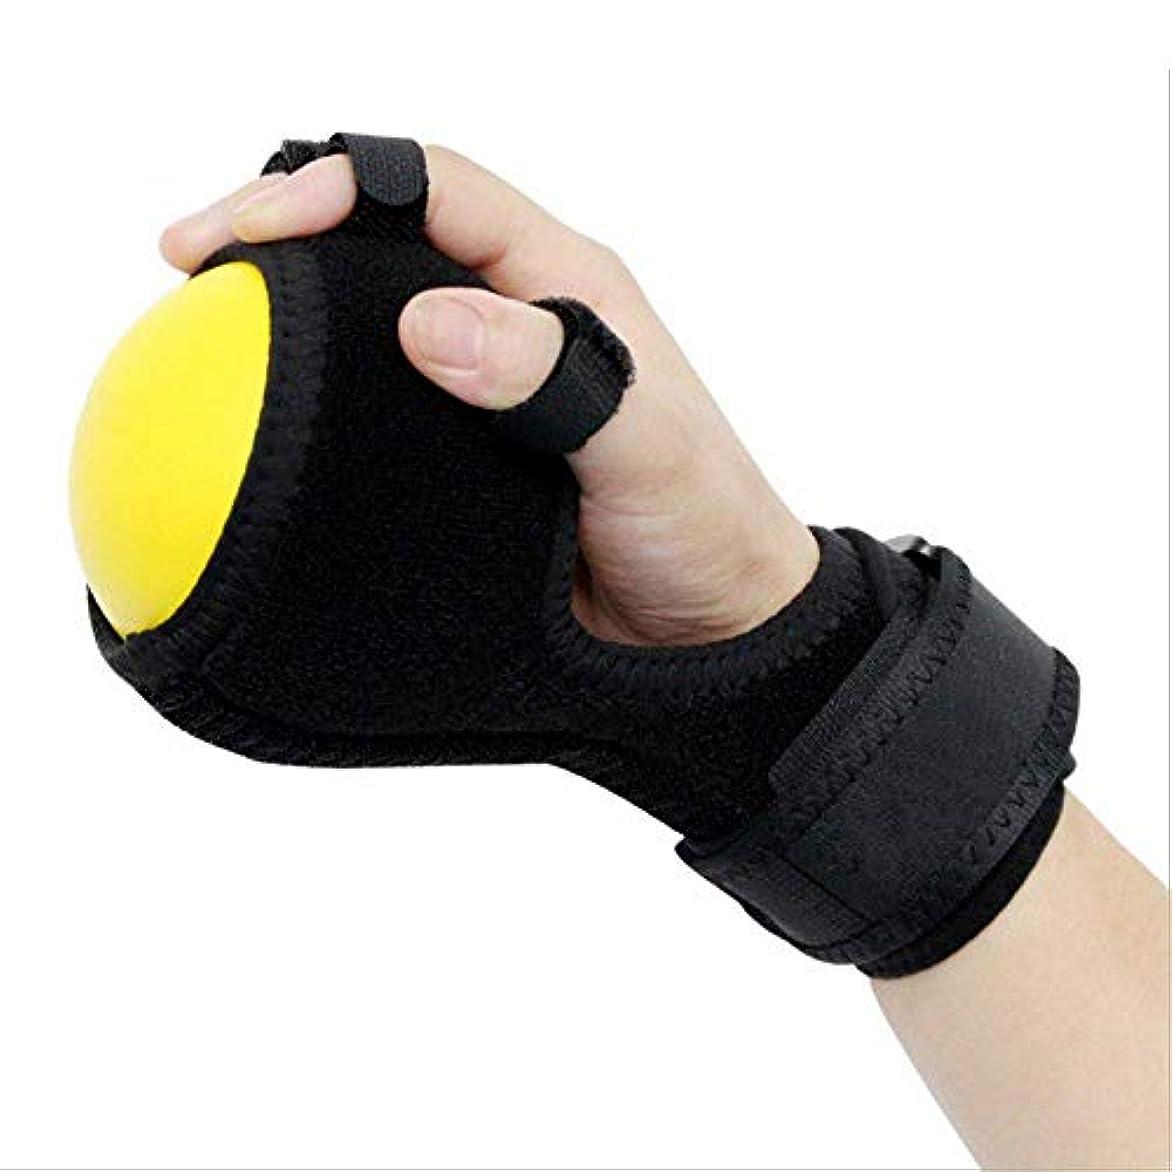 祖母に応じて夢指装具、指板訓練器具抗痙攣性ボールスプリントハンド機能障害指装具ハンドボールエクササイズ指片麻痺